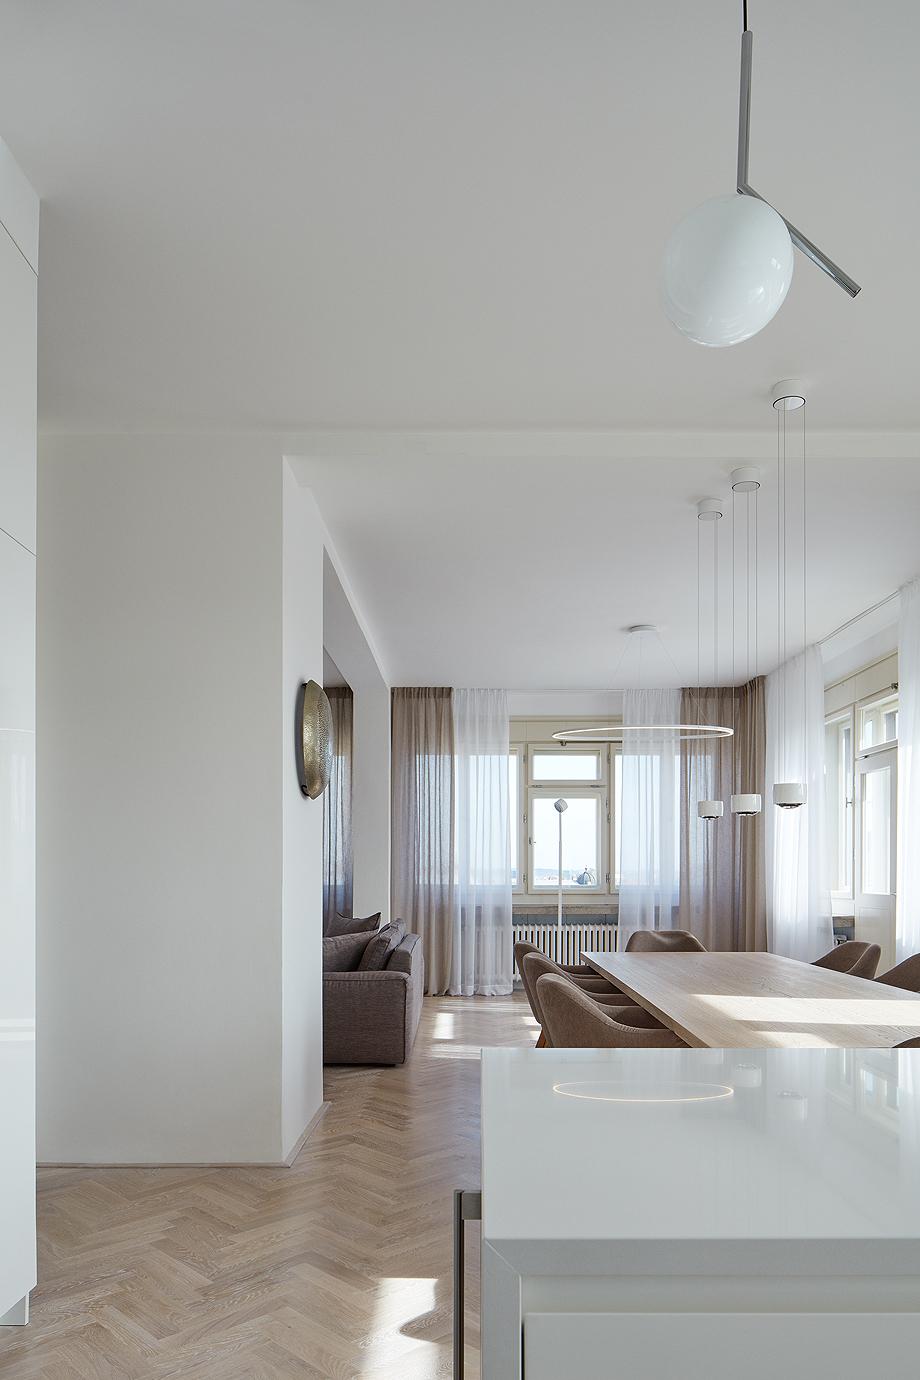 apartamento hamrova letna apartment objectum (4)